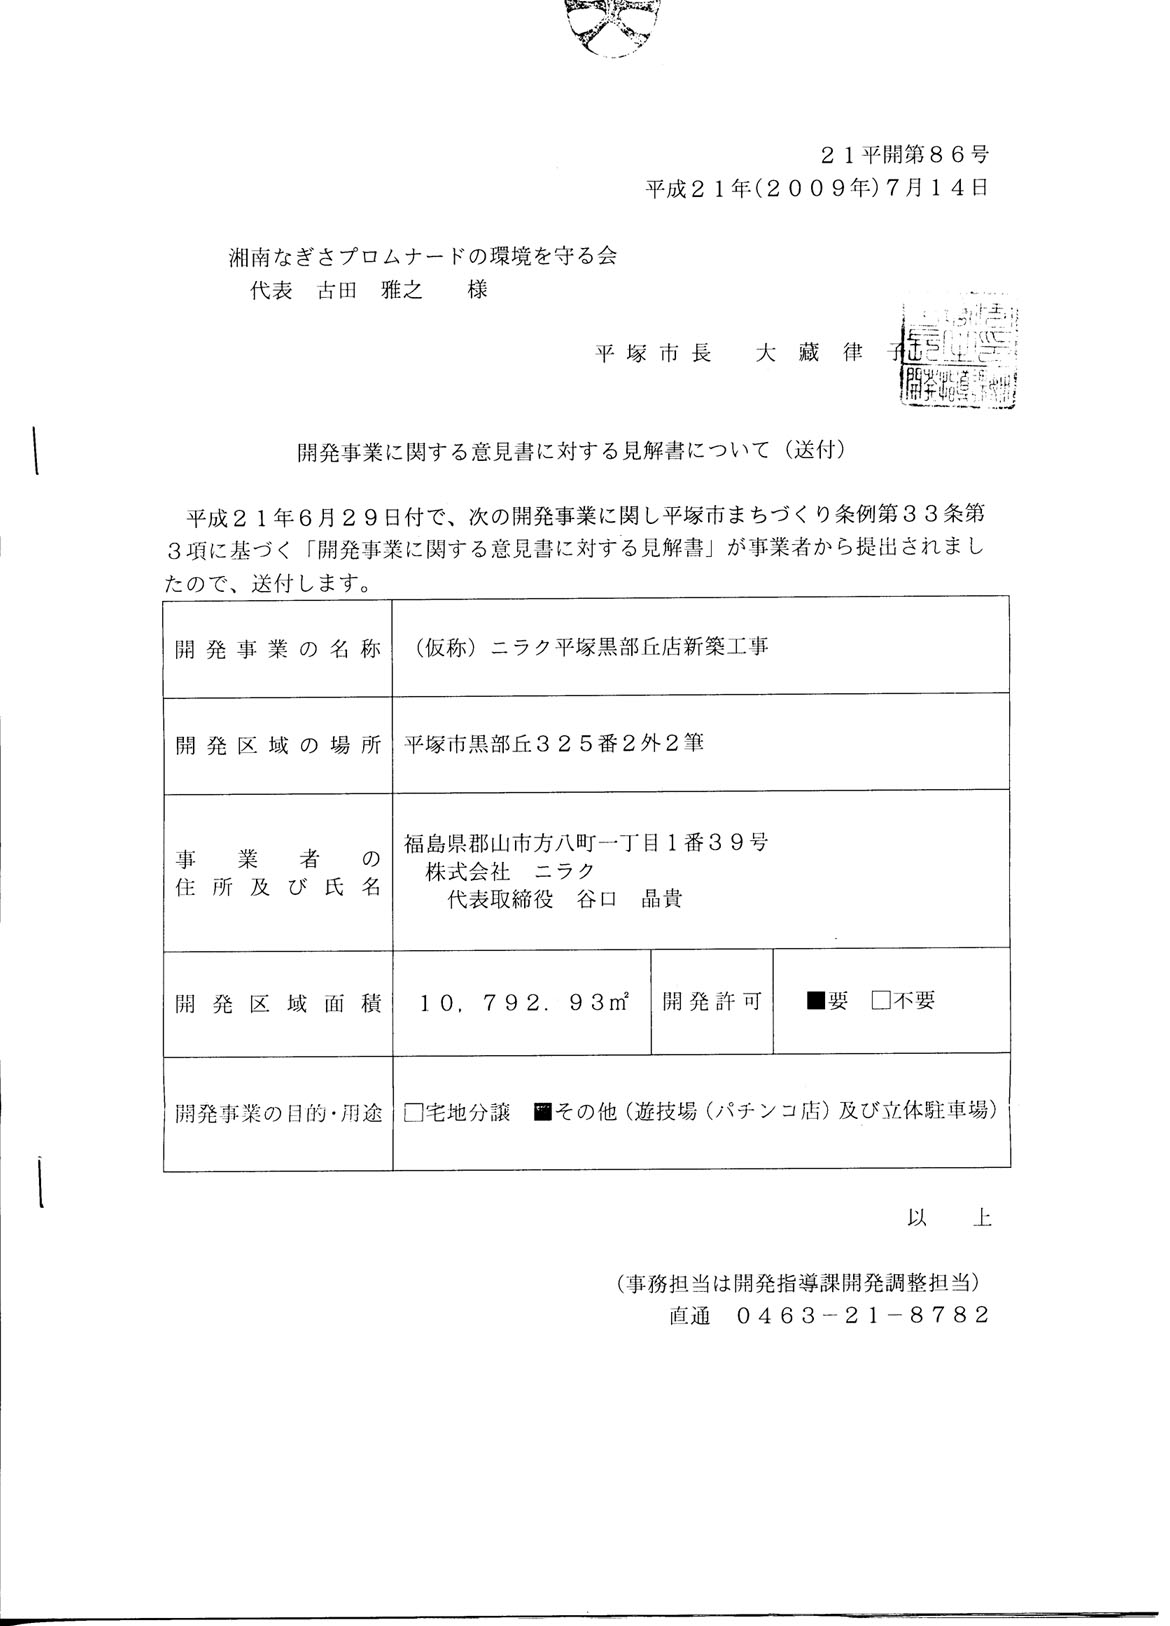 =2009/7/17= ニラクからの見解書 配達証明書付で郵送される_d0034430_14273270.jpg